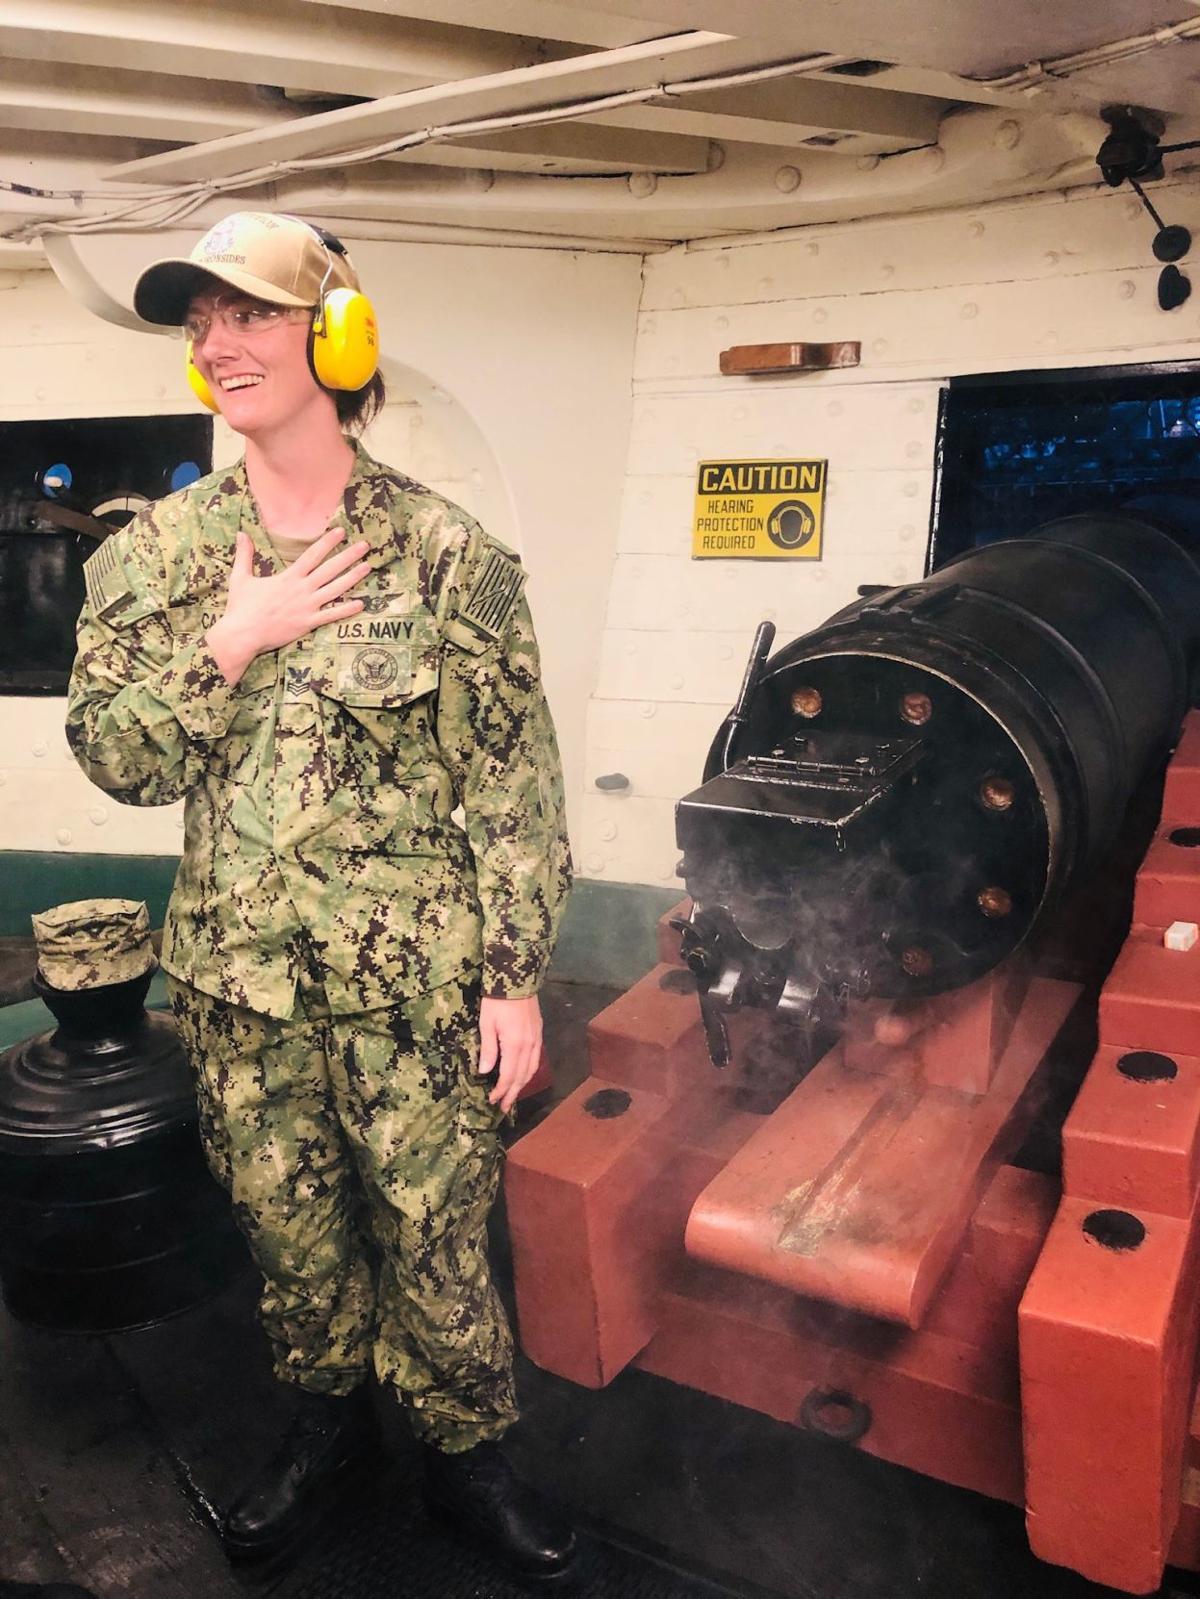 Chief Petty Officer Elizabeth Carlin